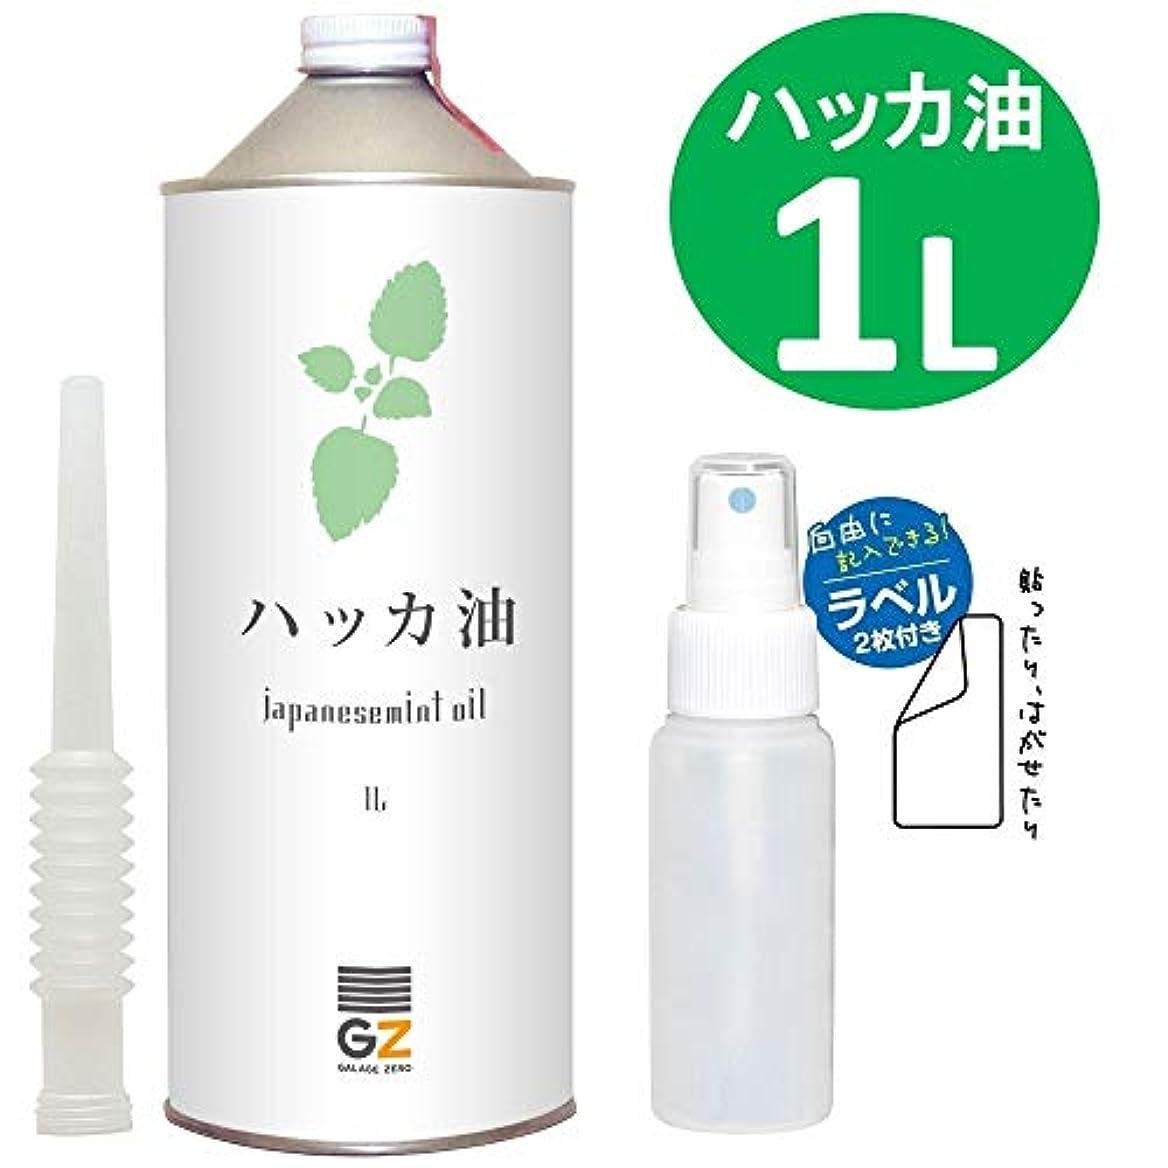 珍しい流行解き明かすガレージ?ゼロ ハッカ油 1L(GZAK14)+50mlPEスプレーボトル/和種薄荷/ジャパニーズミント GSE531